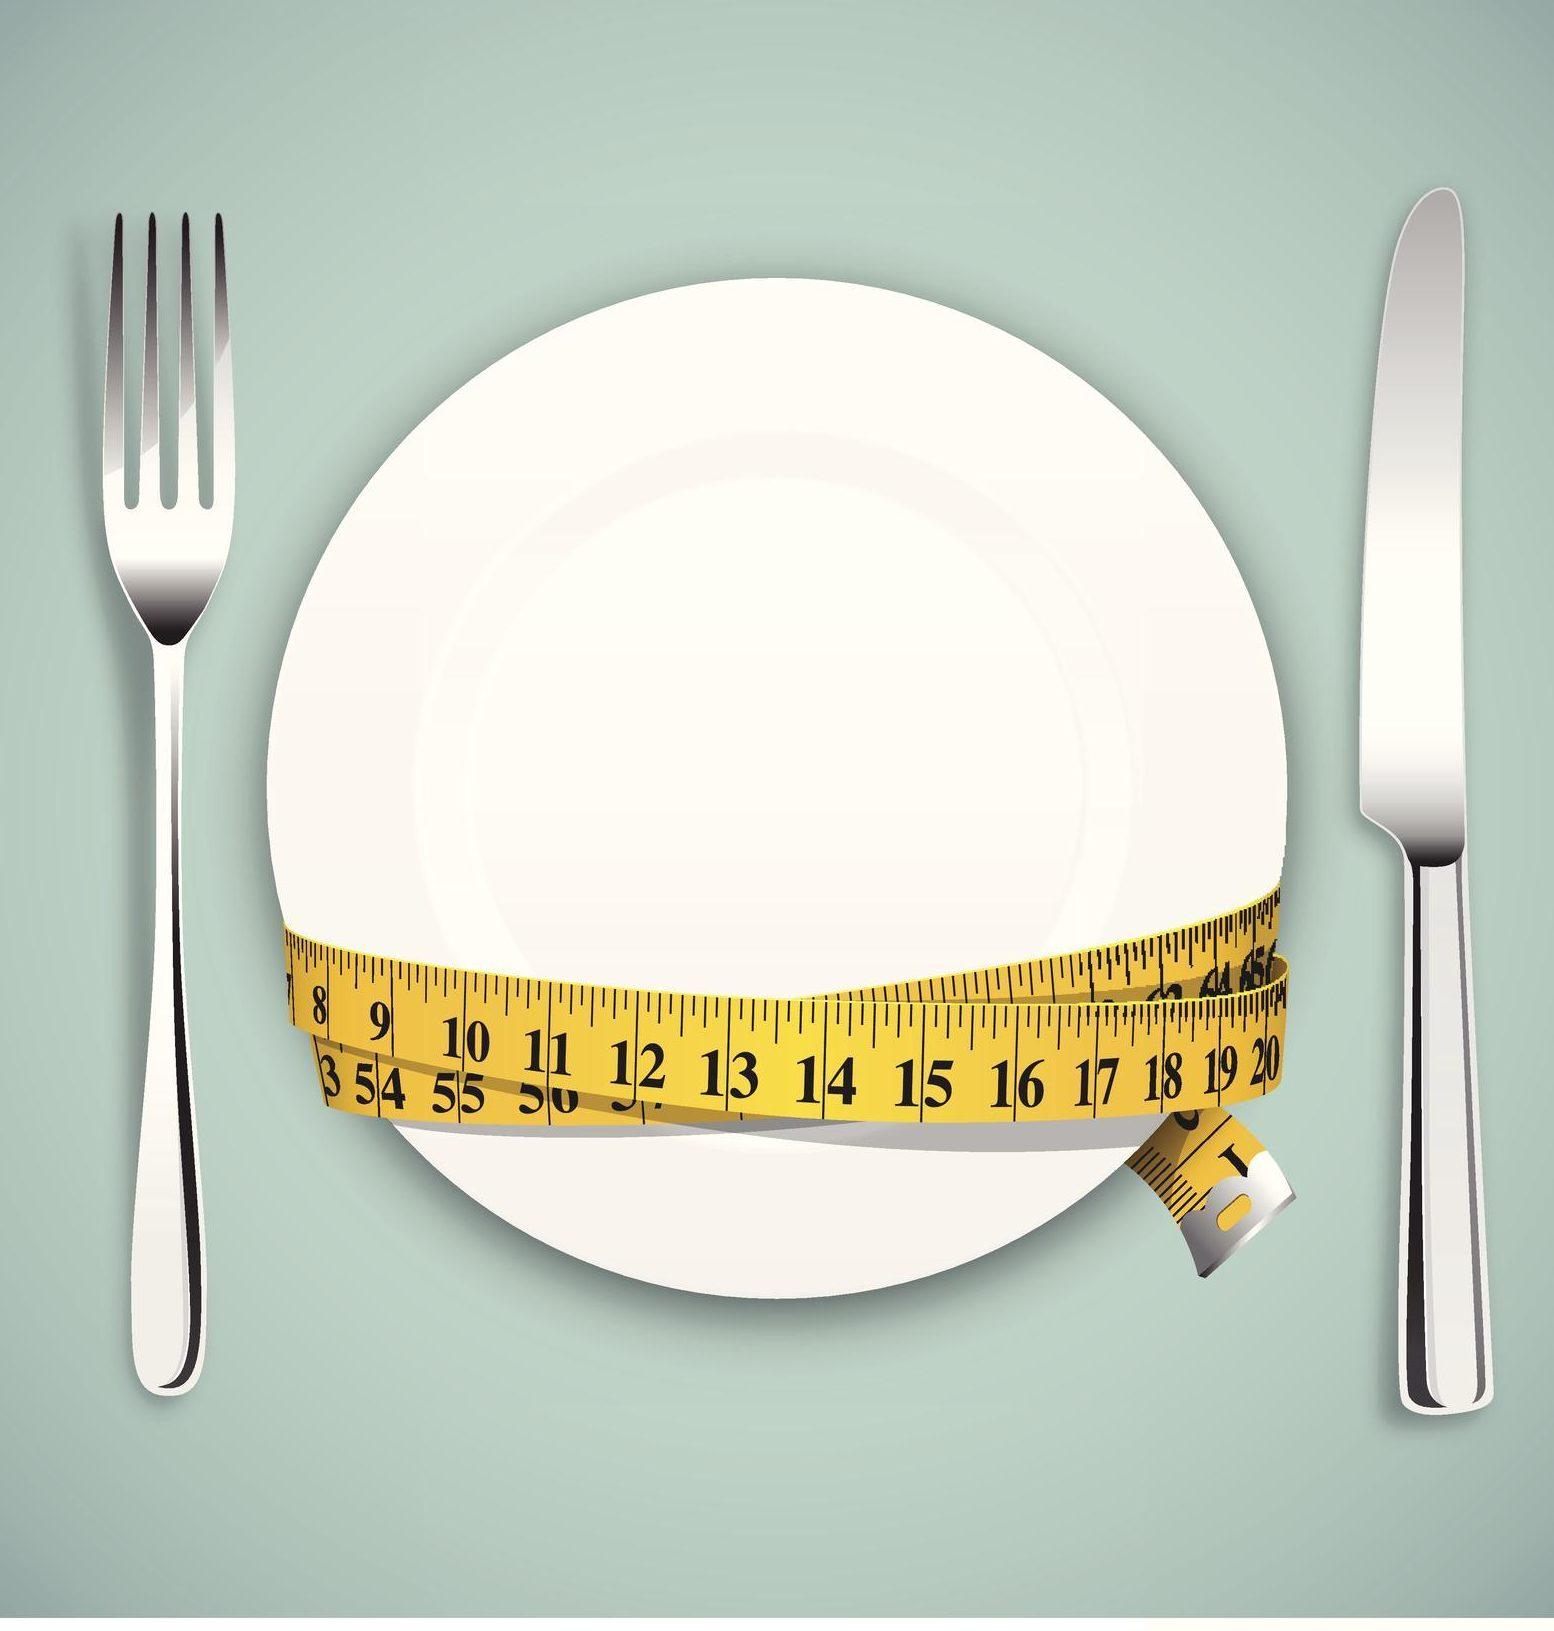 Comment perdre du poids en seulement 12 étapes, selon le NHS